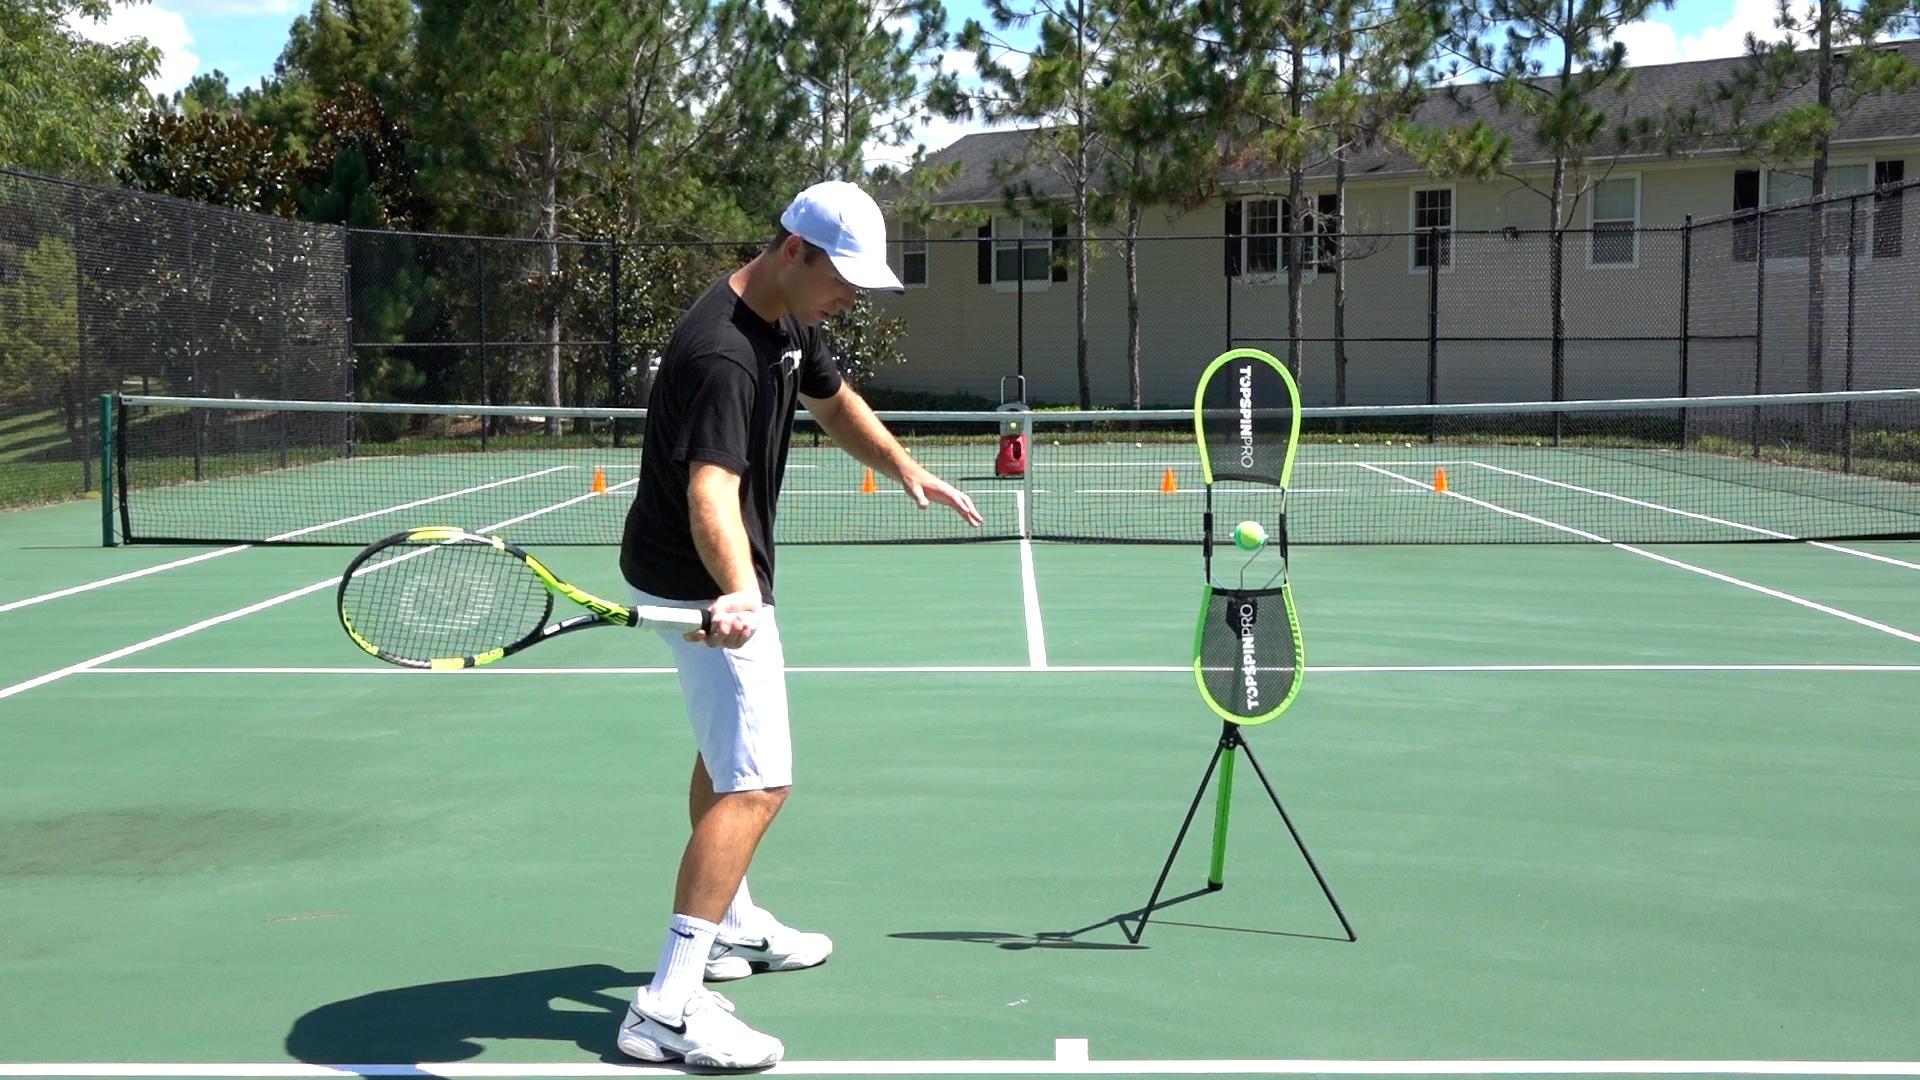 полночь, техника игры большого тенниса в картинках его помощью